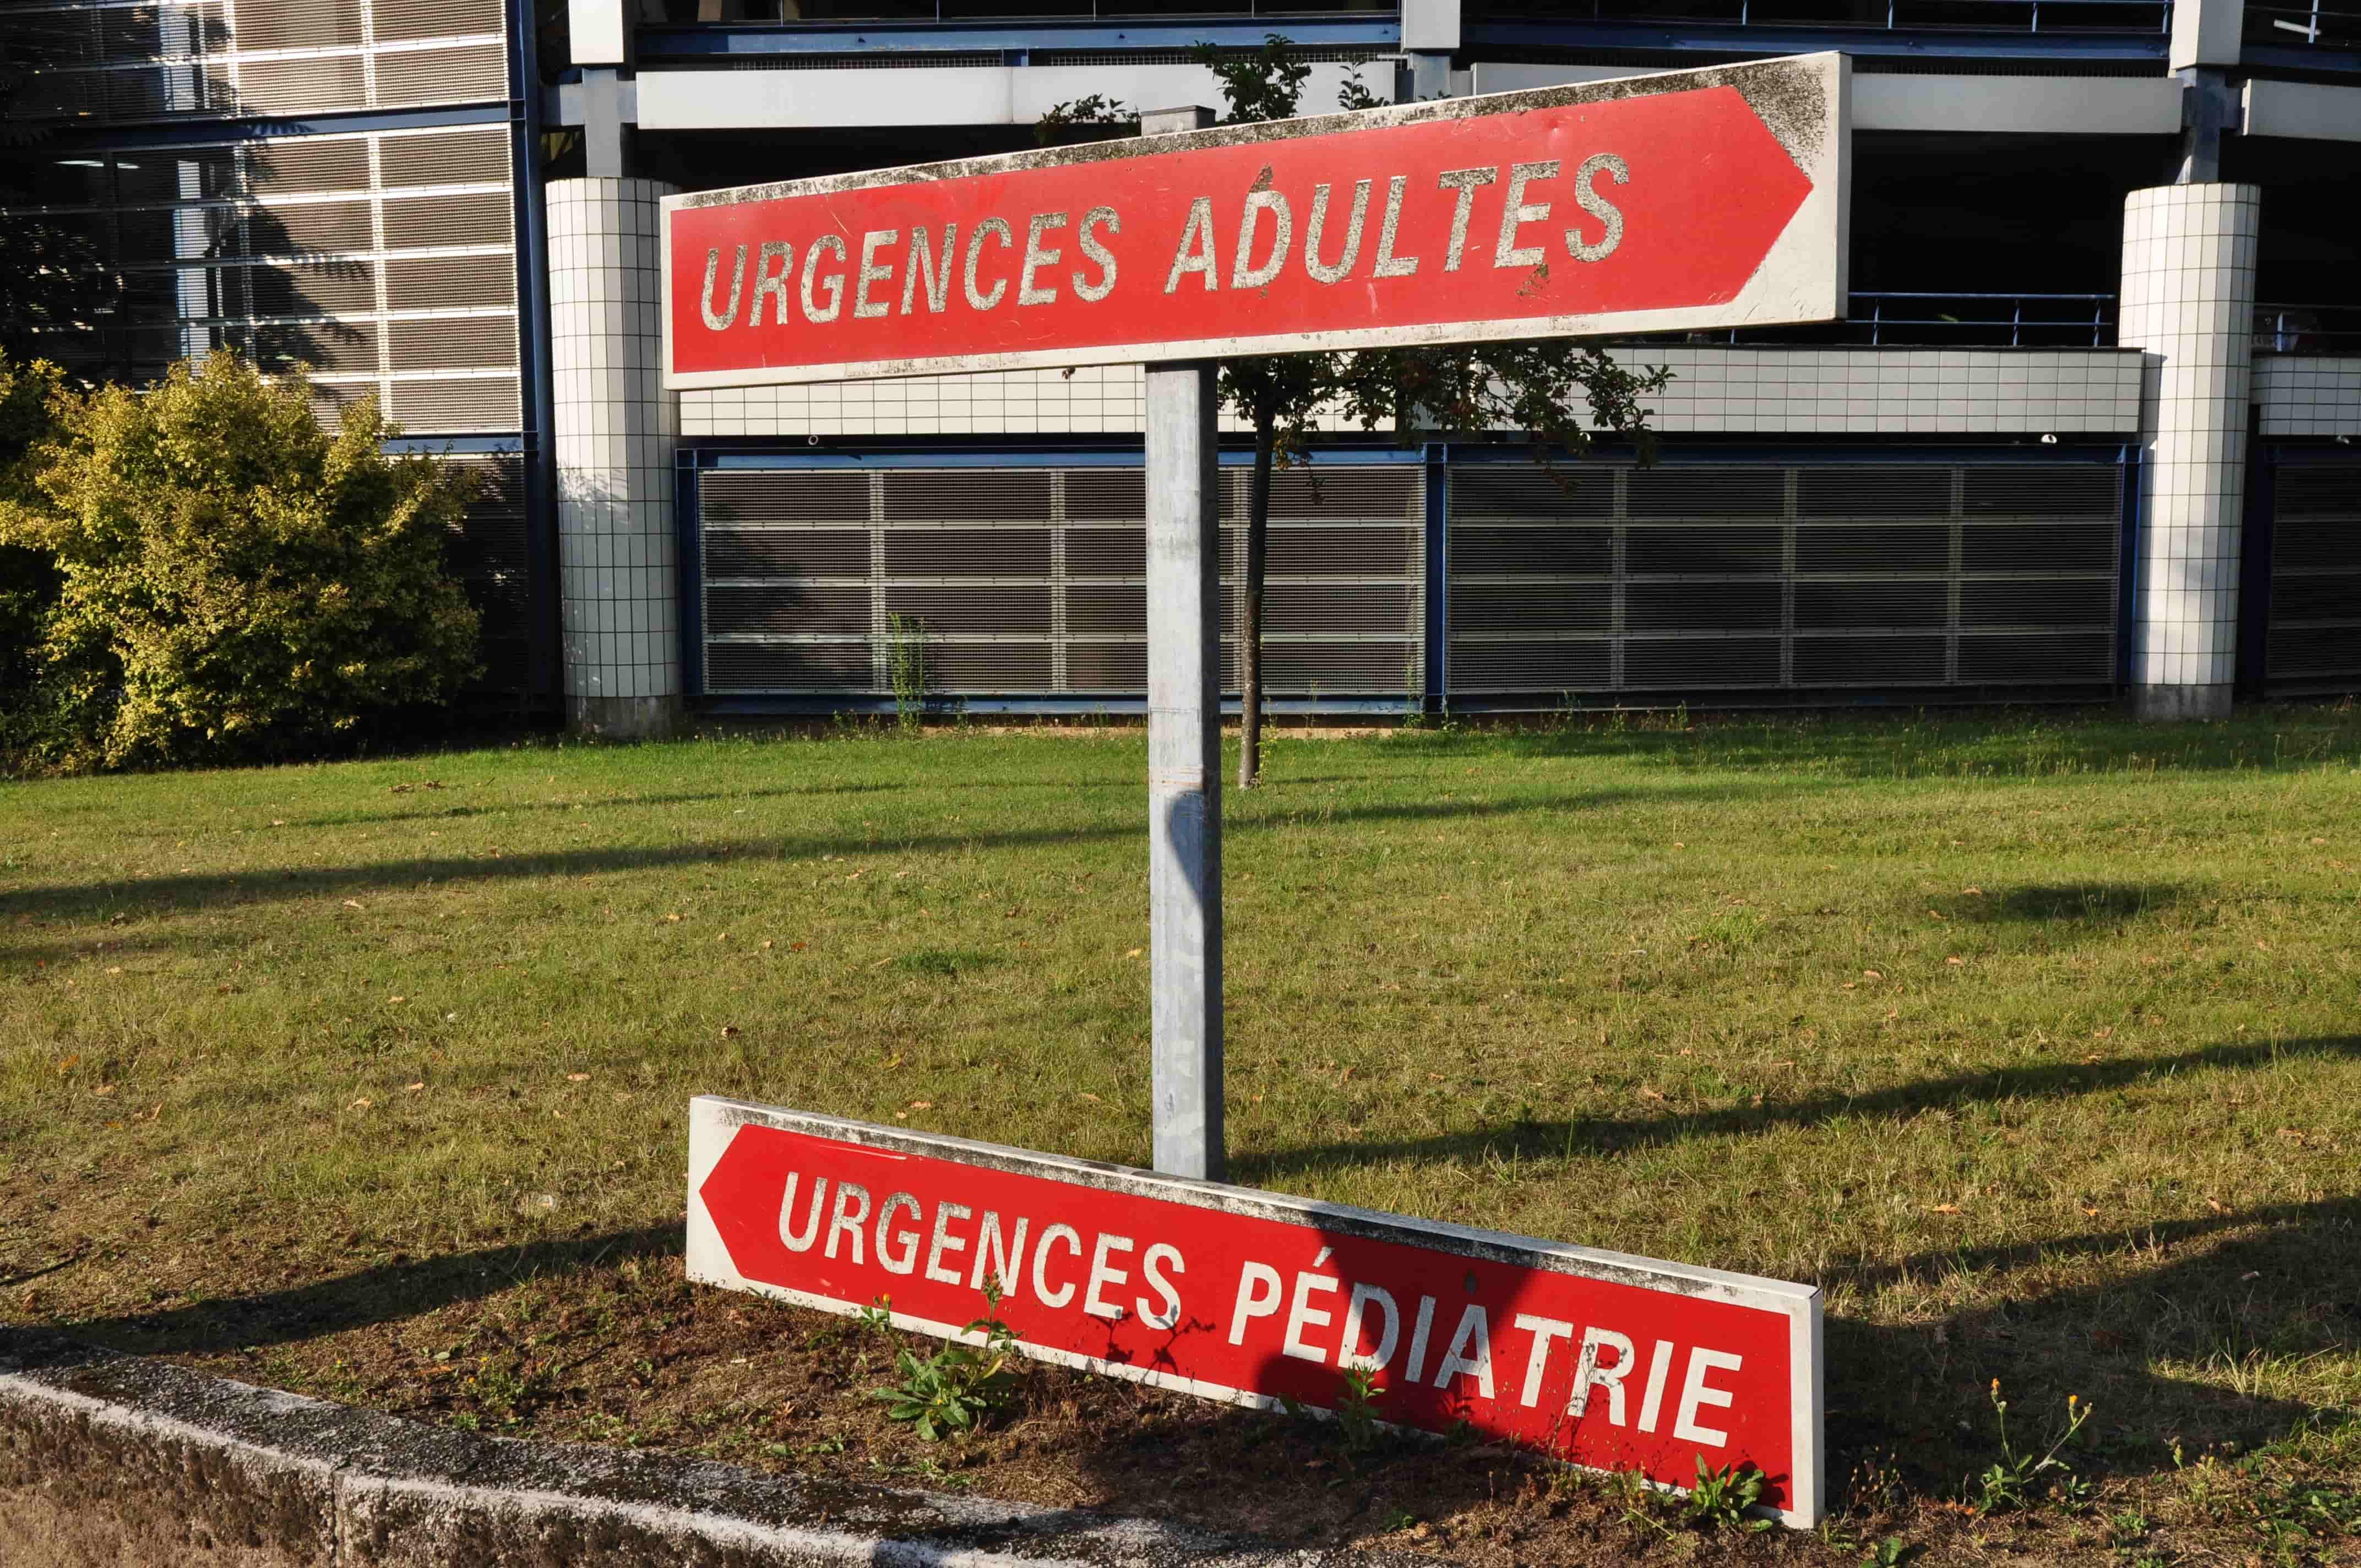 L'enfant a été admis aux urgences pédiatriques du CHU de Rouen - Illustration © infoNormandie